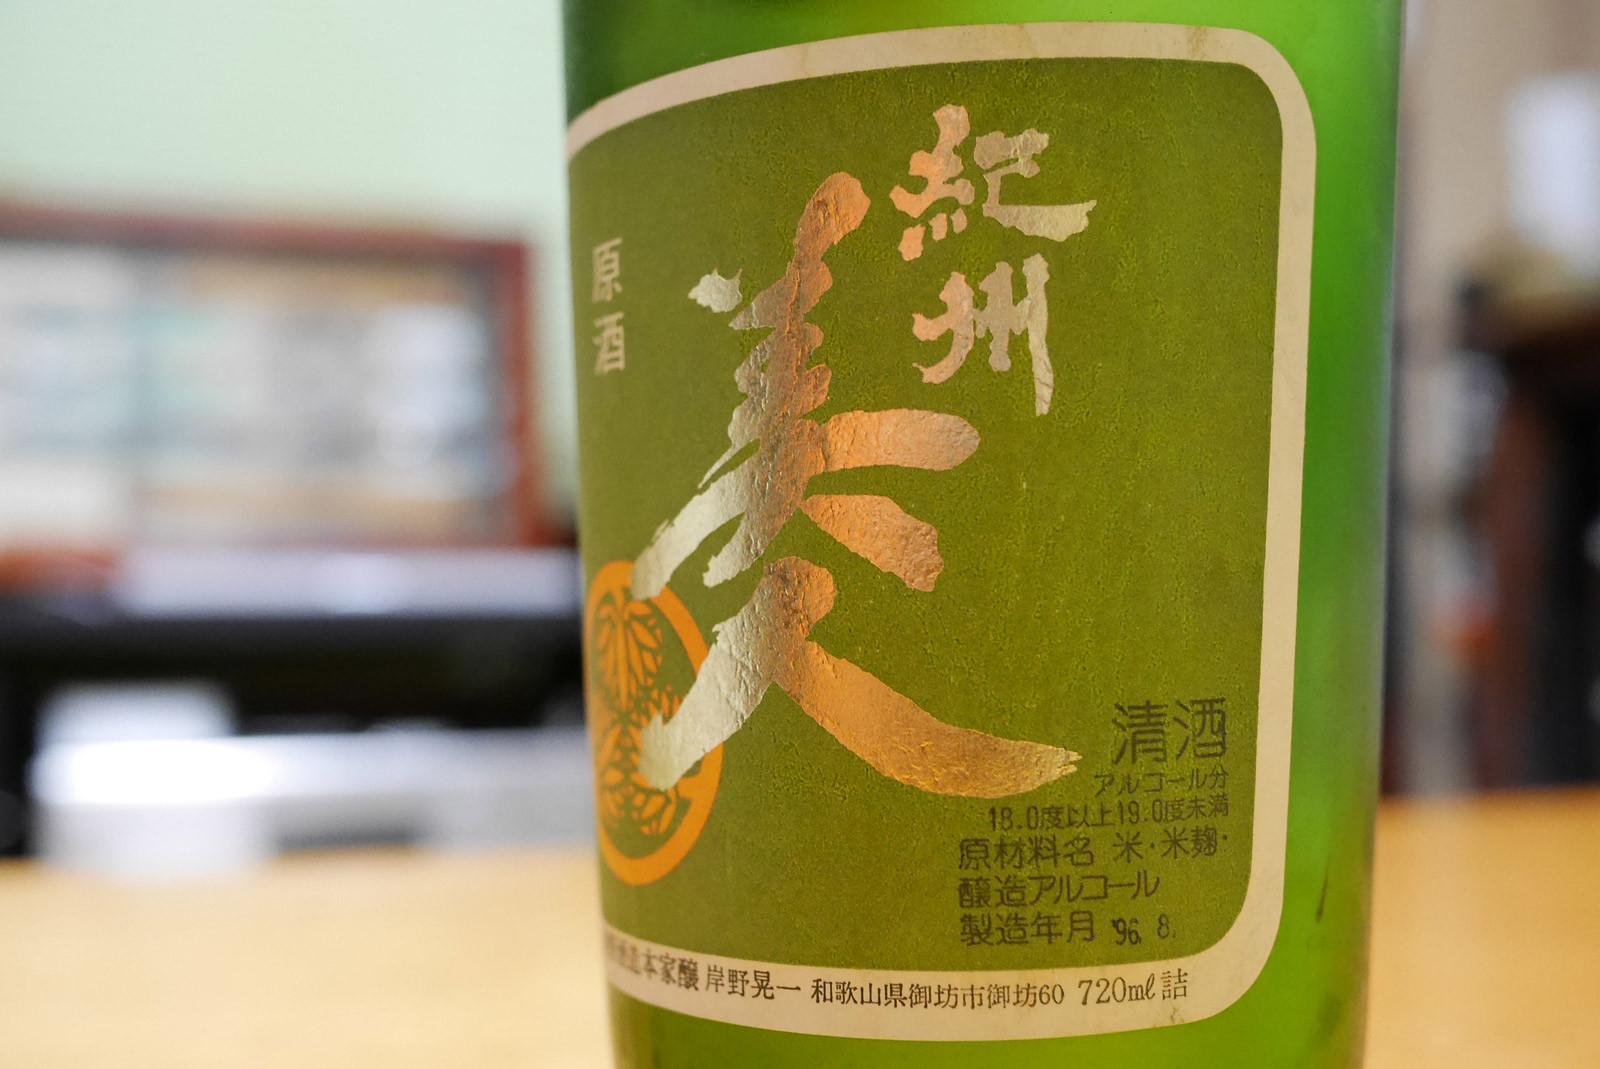 2014年下半期に呑んだ日本酒たち